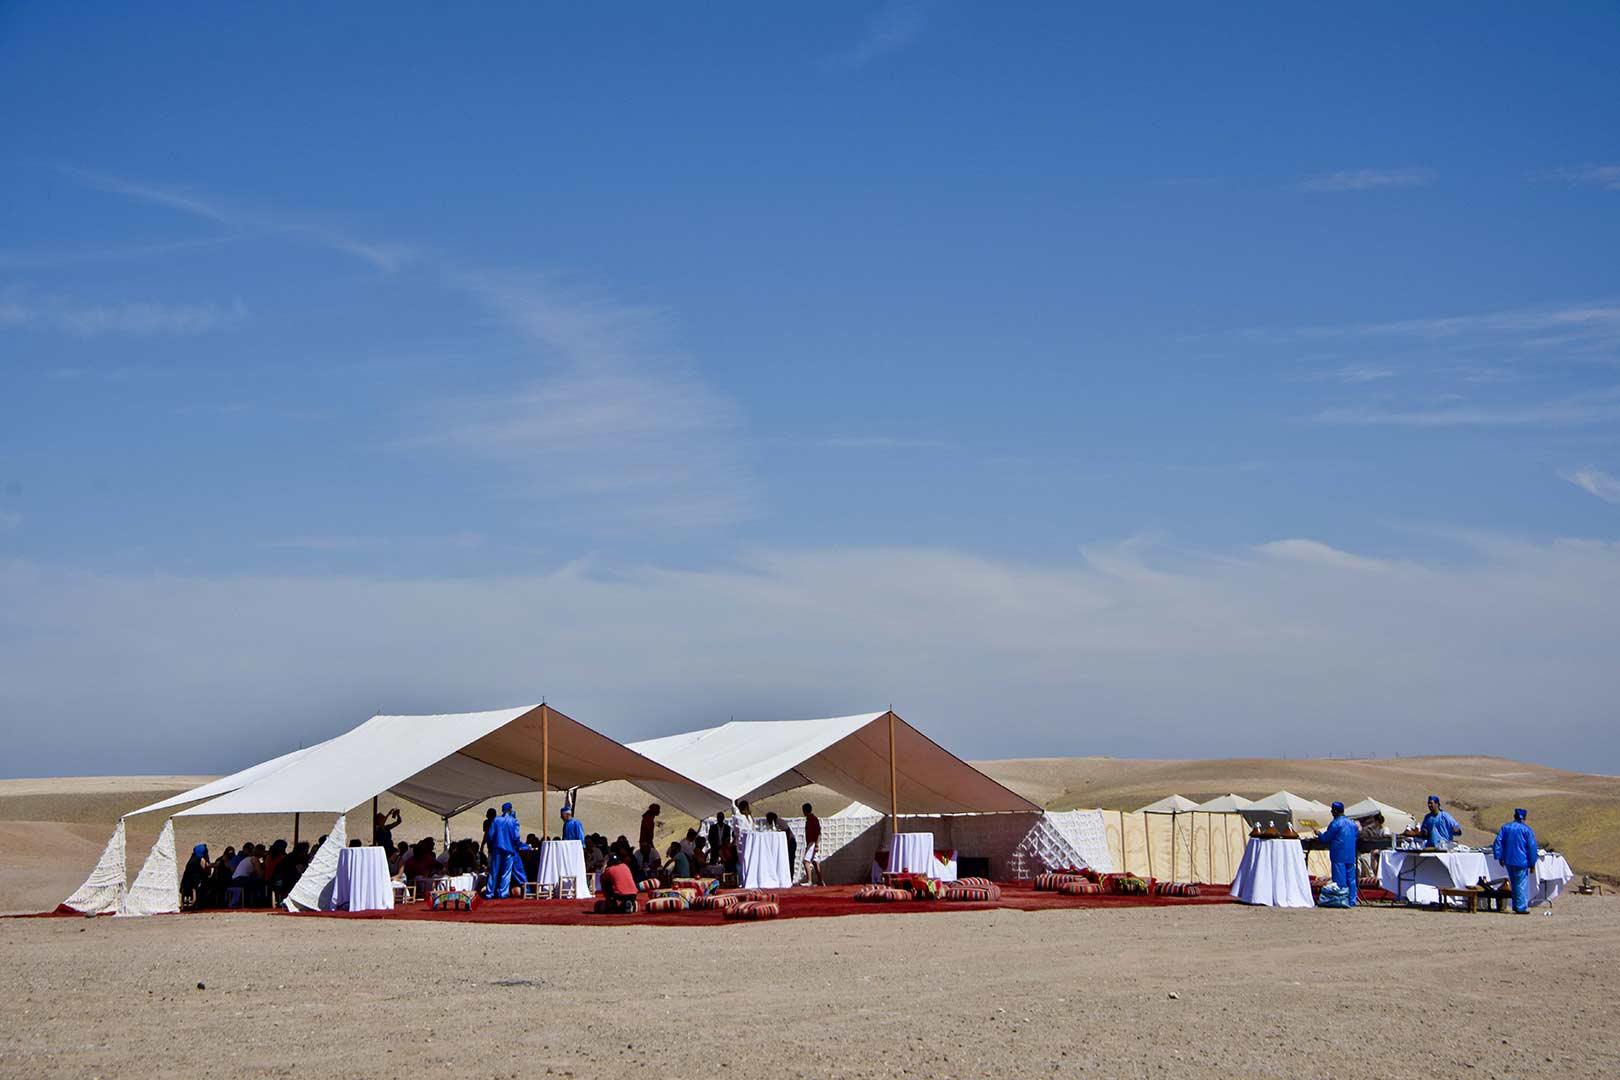 Lieu originale dans le désert marocain pour une expérience incentive